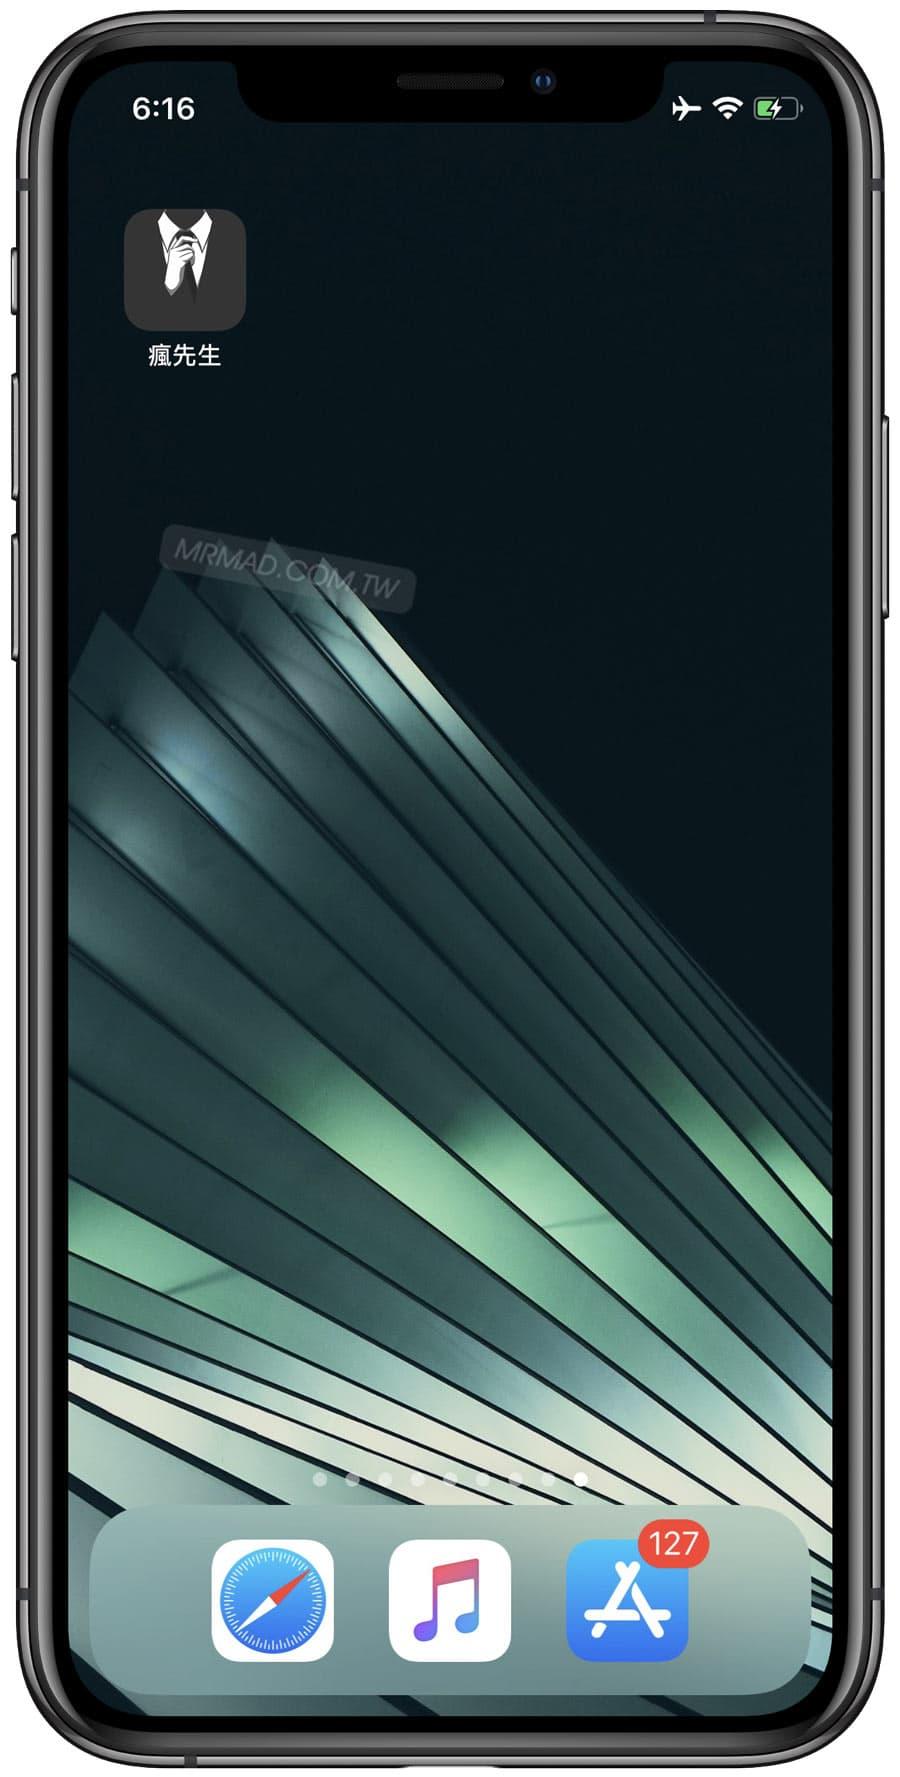 如何删除Checkra1n越狱工具方法,让iOS设备回到乾净无越狱环境